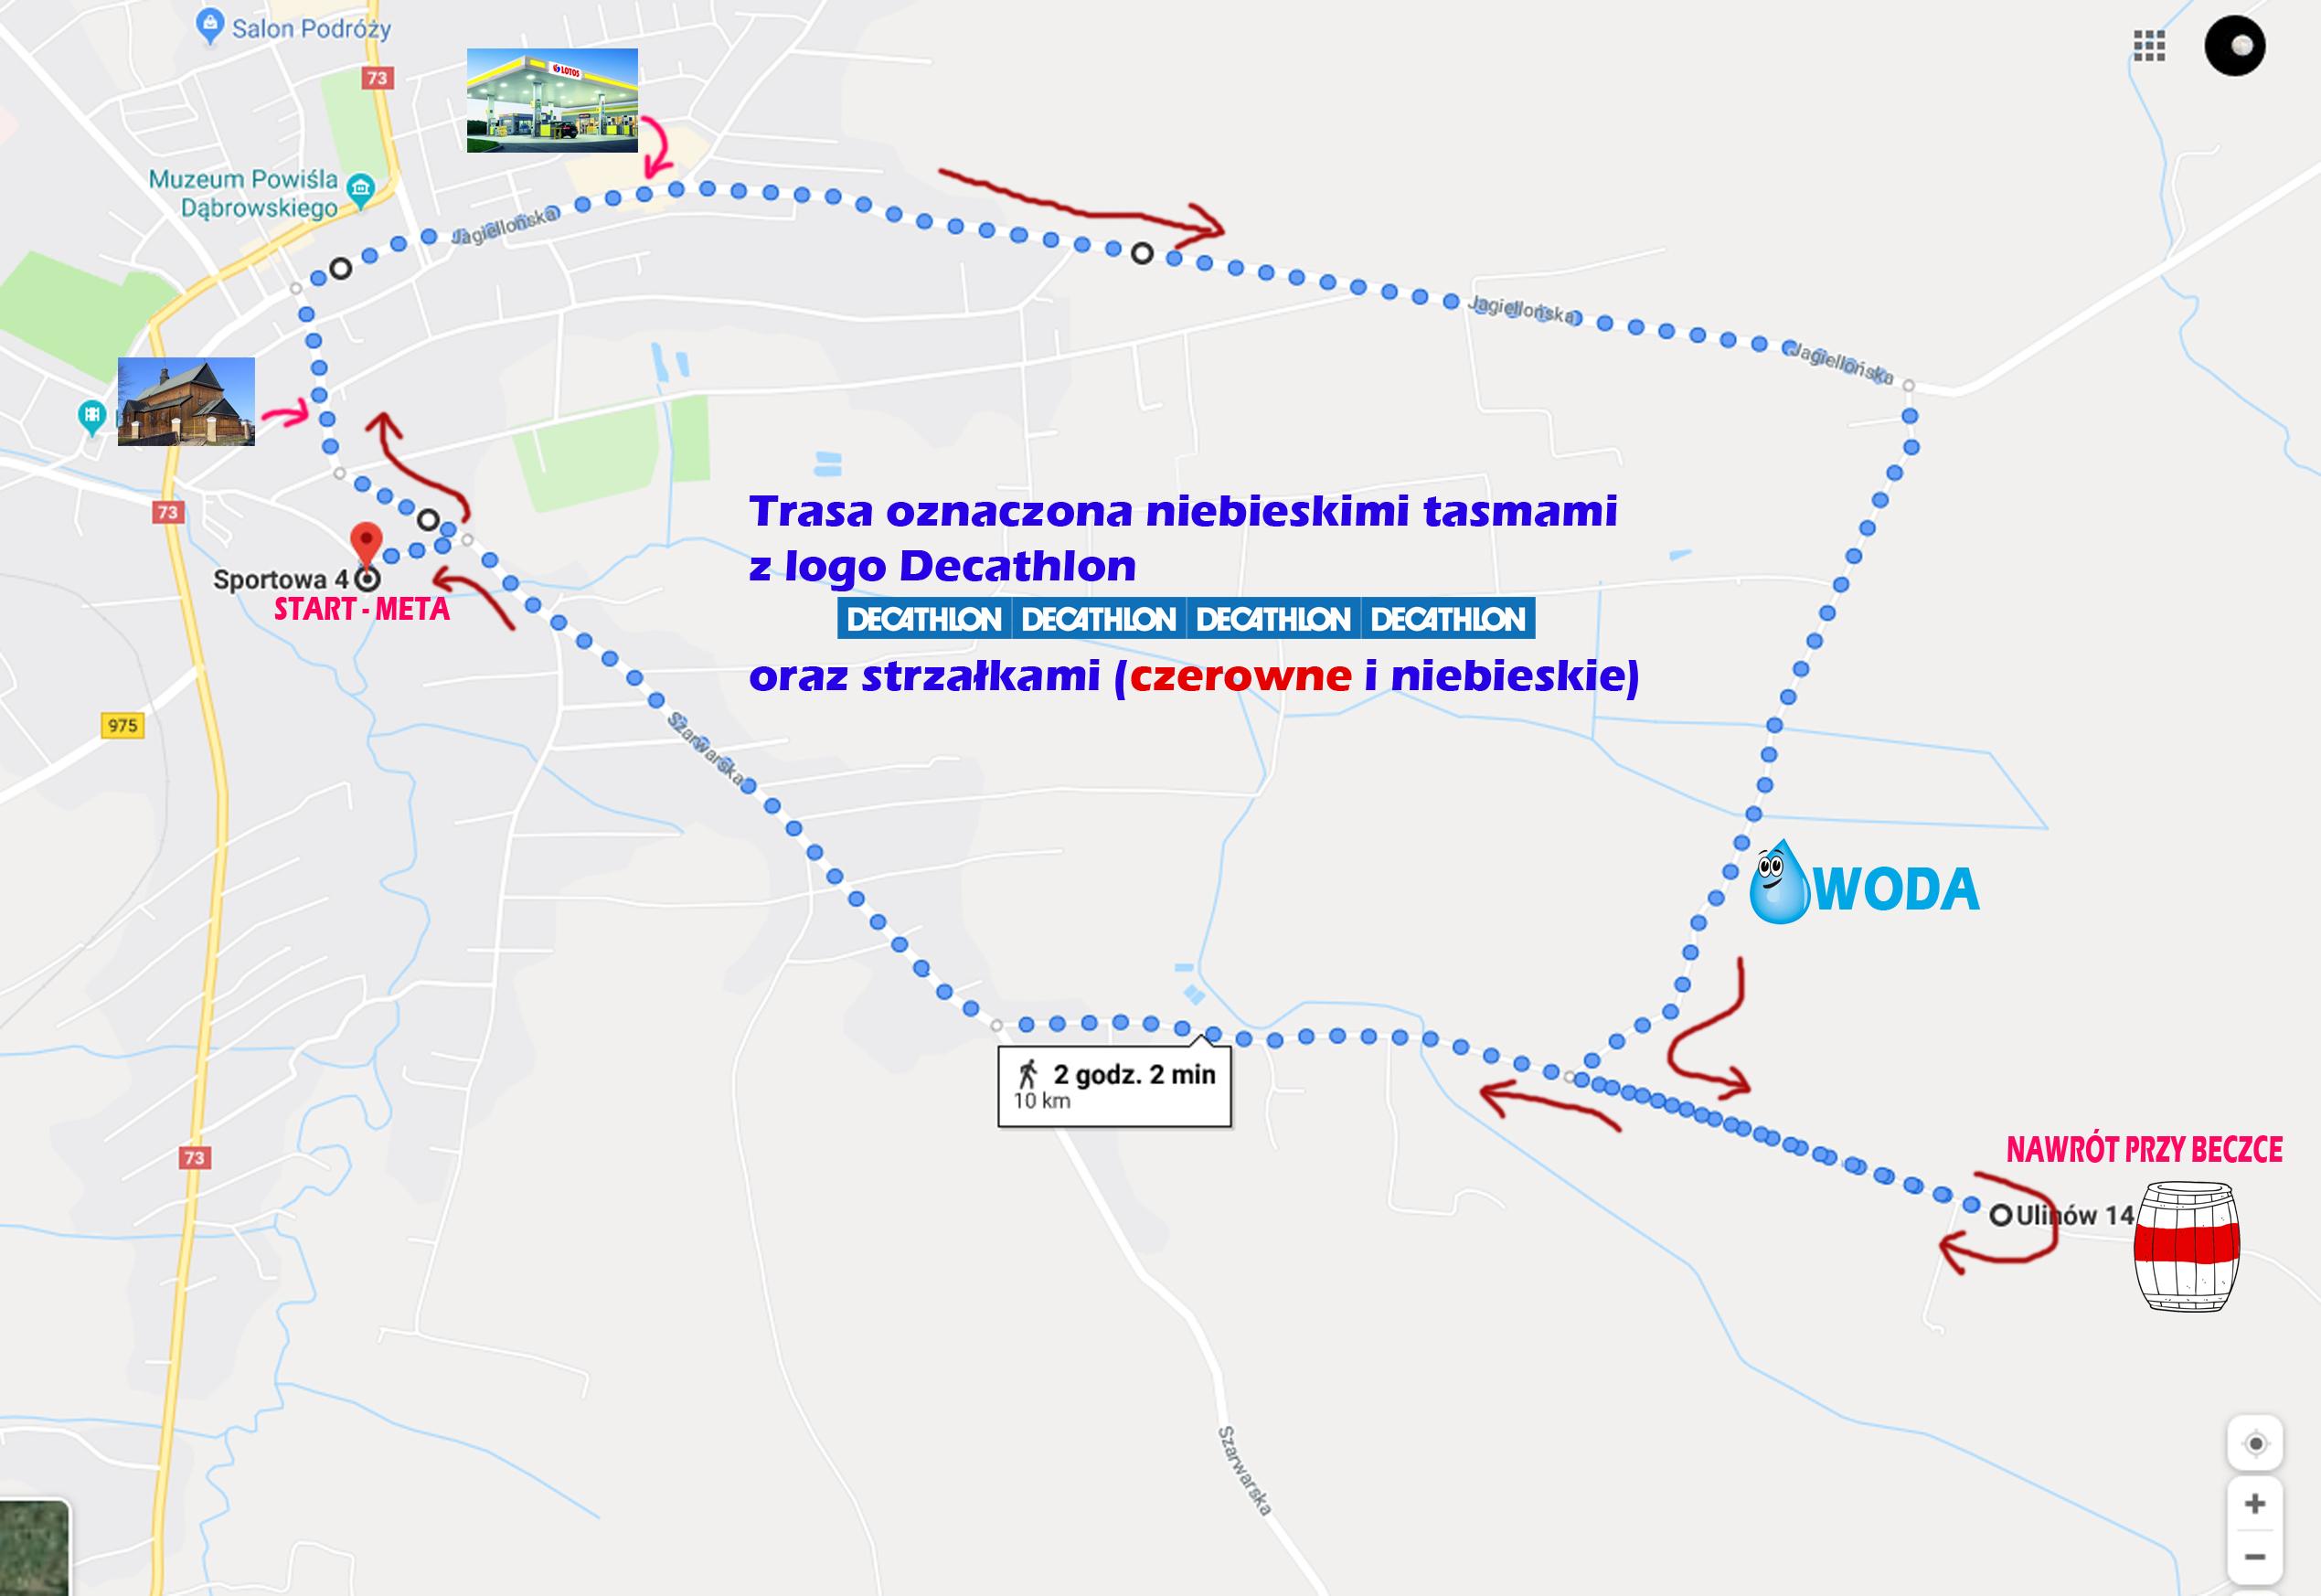 """10KM MAPA BIEGNIJ DĄBROWO Już jutro """"Biegnij Dąbrowo"""" Run Team   Profesjonalny Bieg w Dąbrowie Tarnowskiej"""